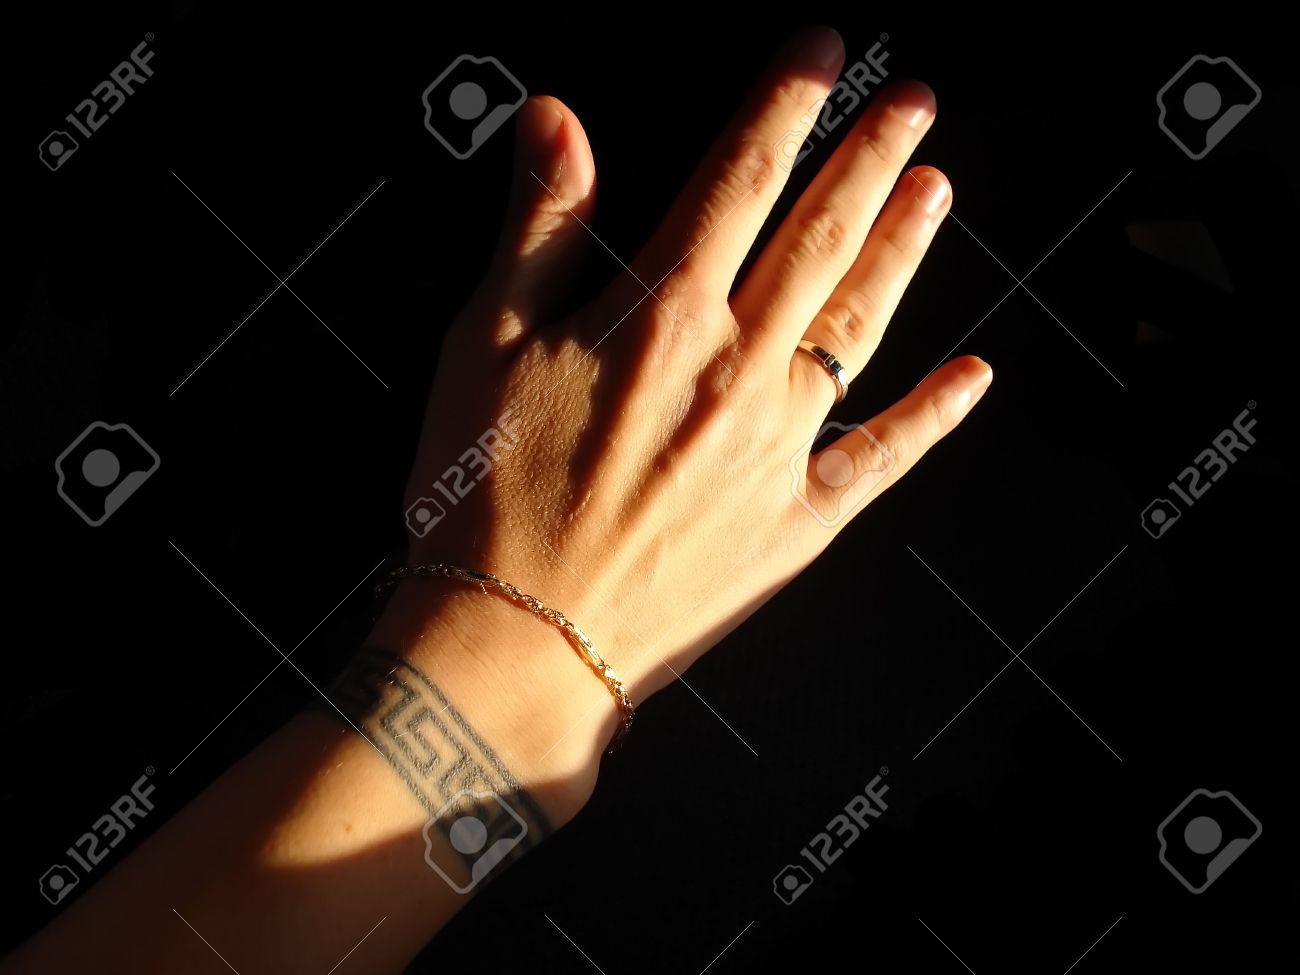 Mujeres Con Mano Griego Clave Muñeca Tatuaje Brazalete De Oro Y